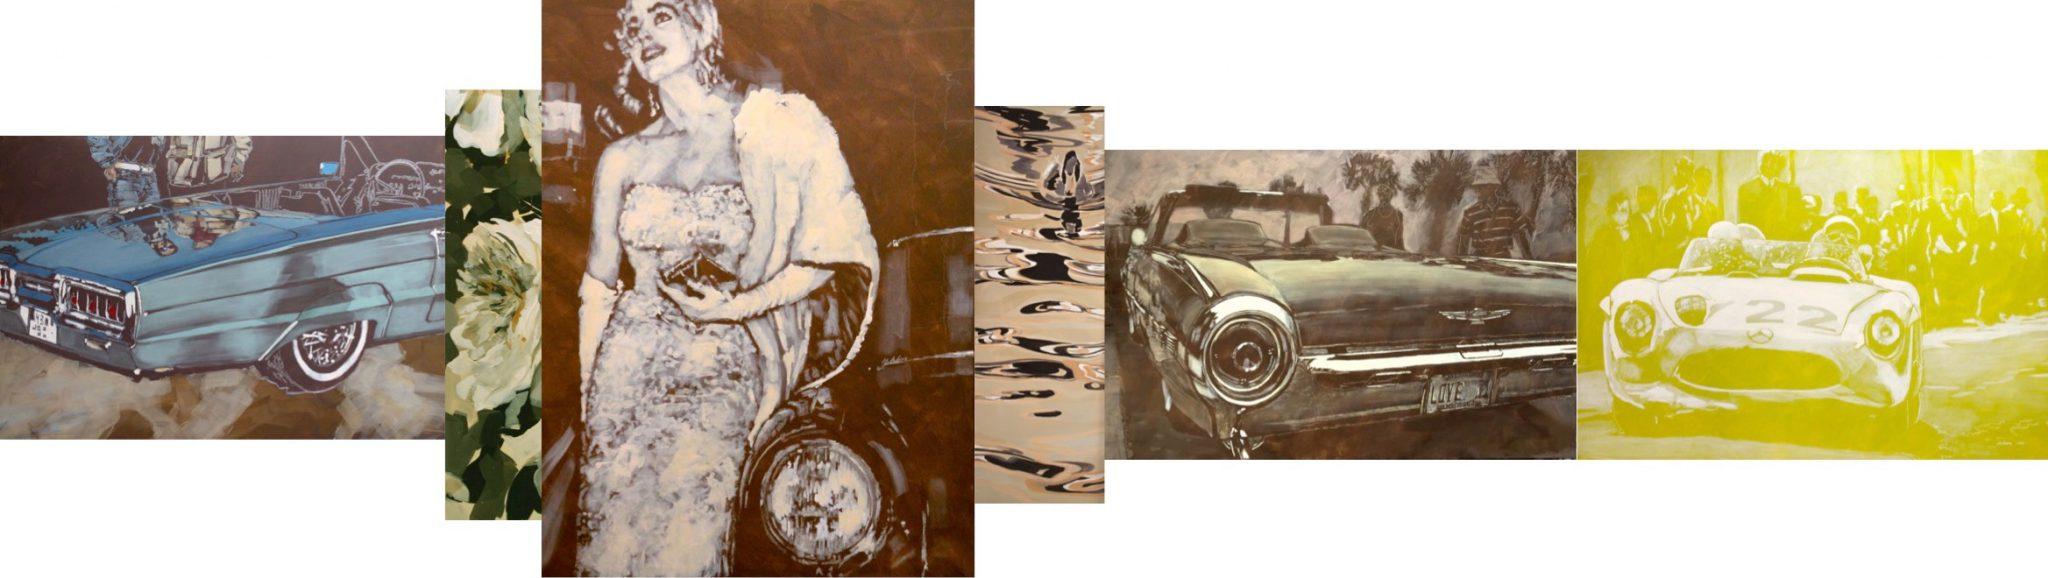 Ausstellung 2016 EMOZIONI RWN.ART DF.Lüers 2016